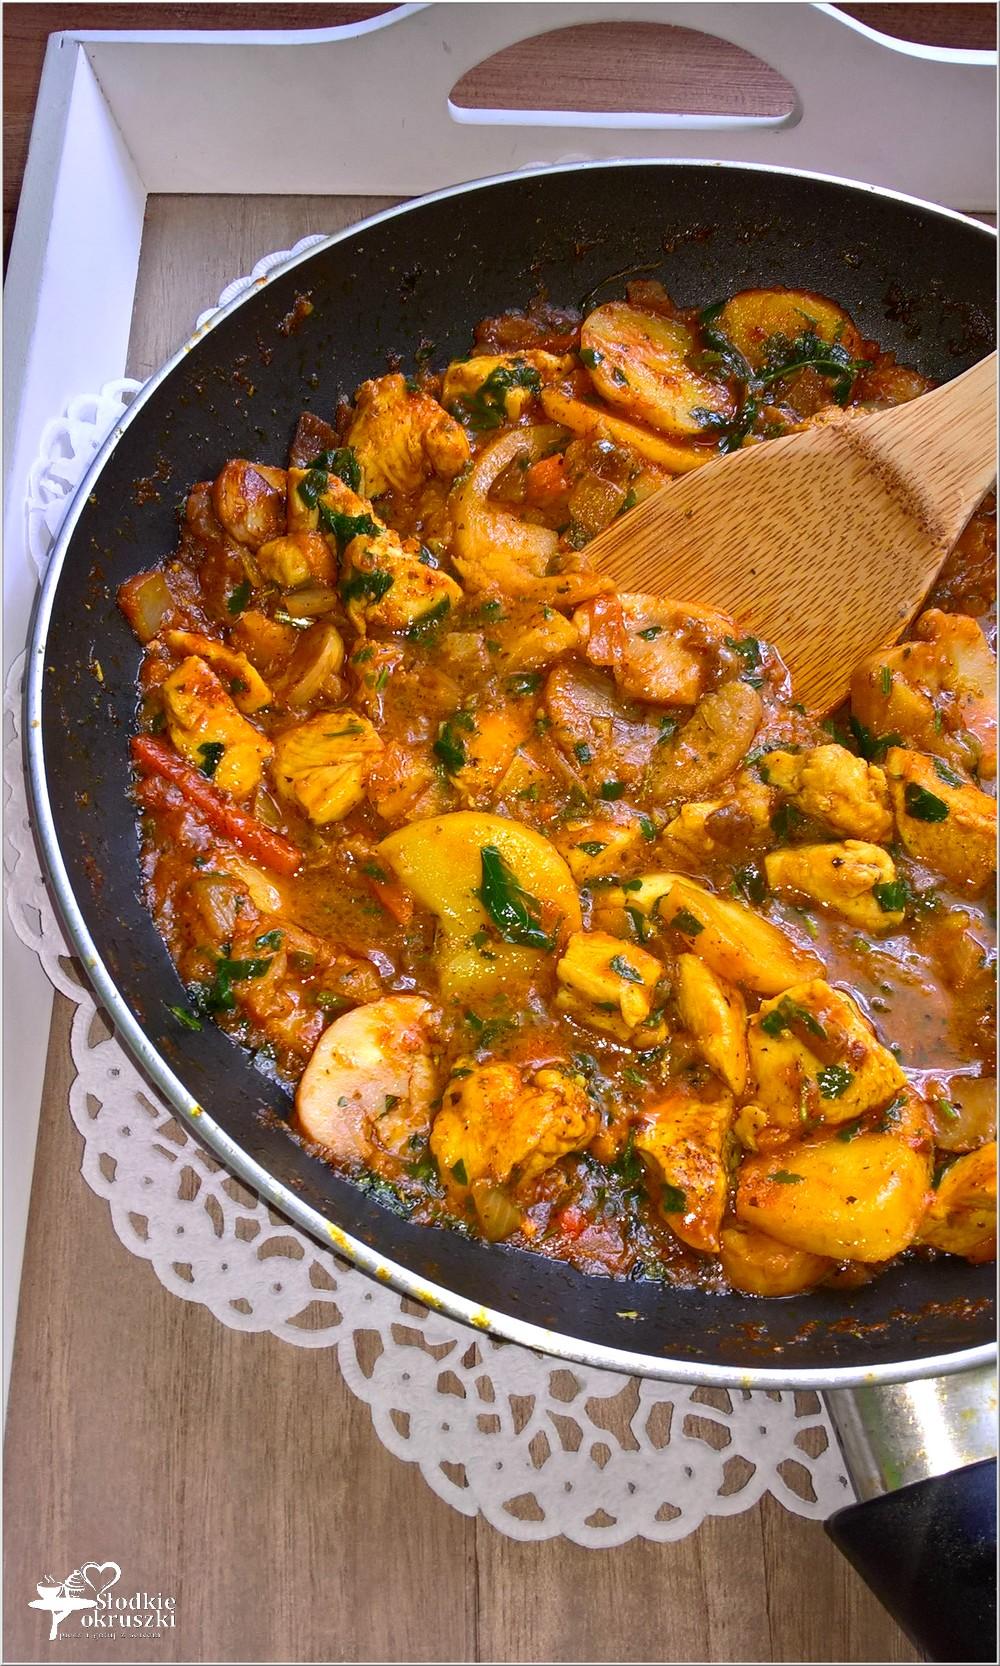 Szybki obiad. Kurczak z warzywami i grzybami w sosie pomidorowym (1)